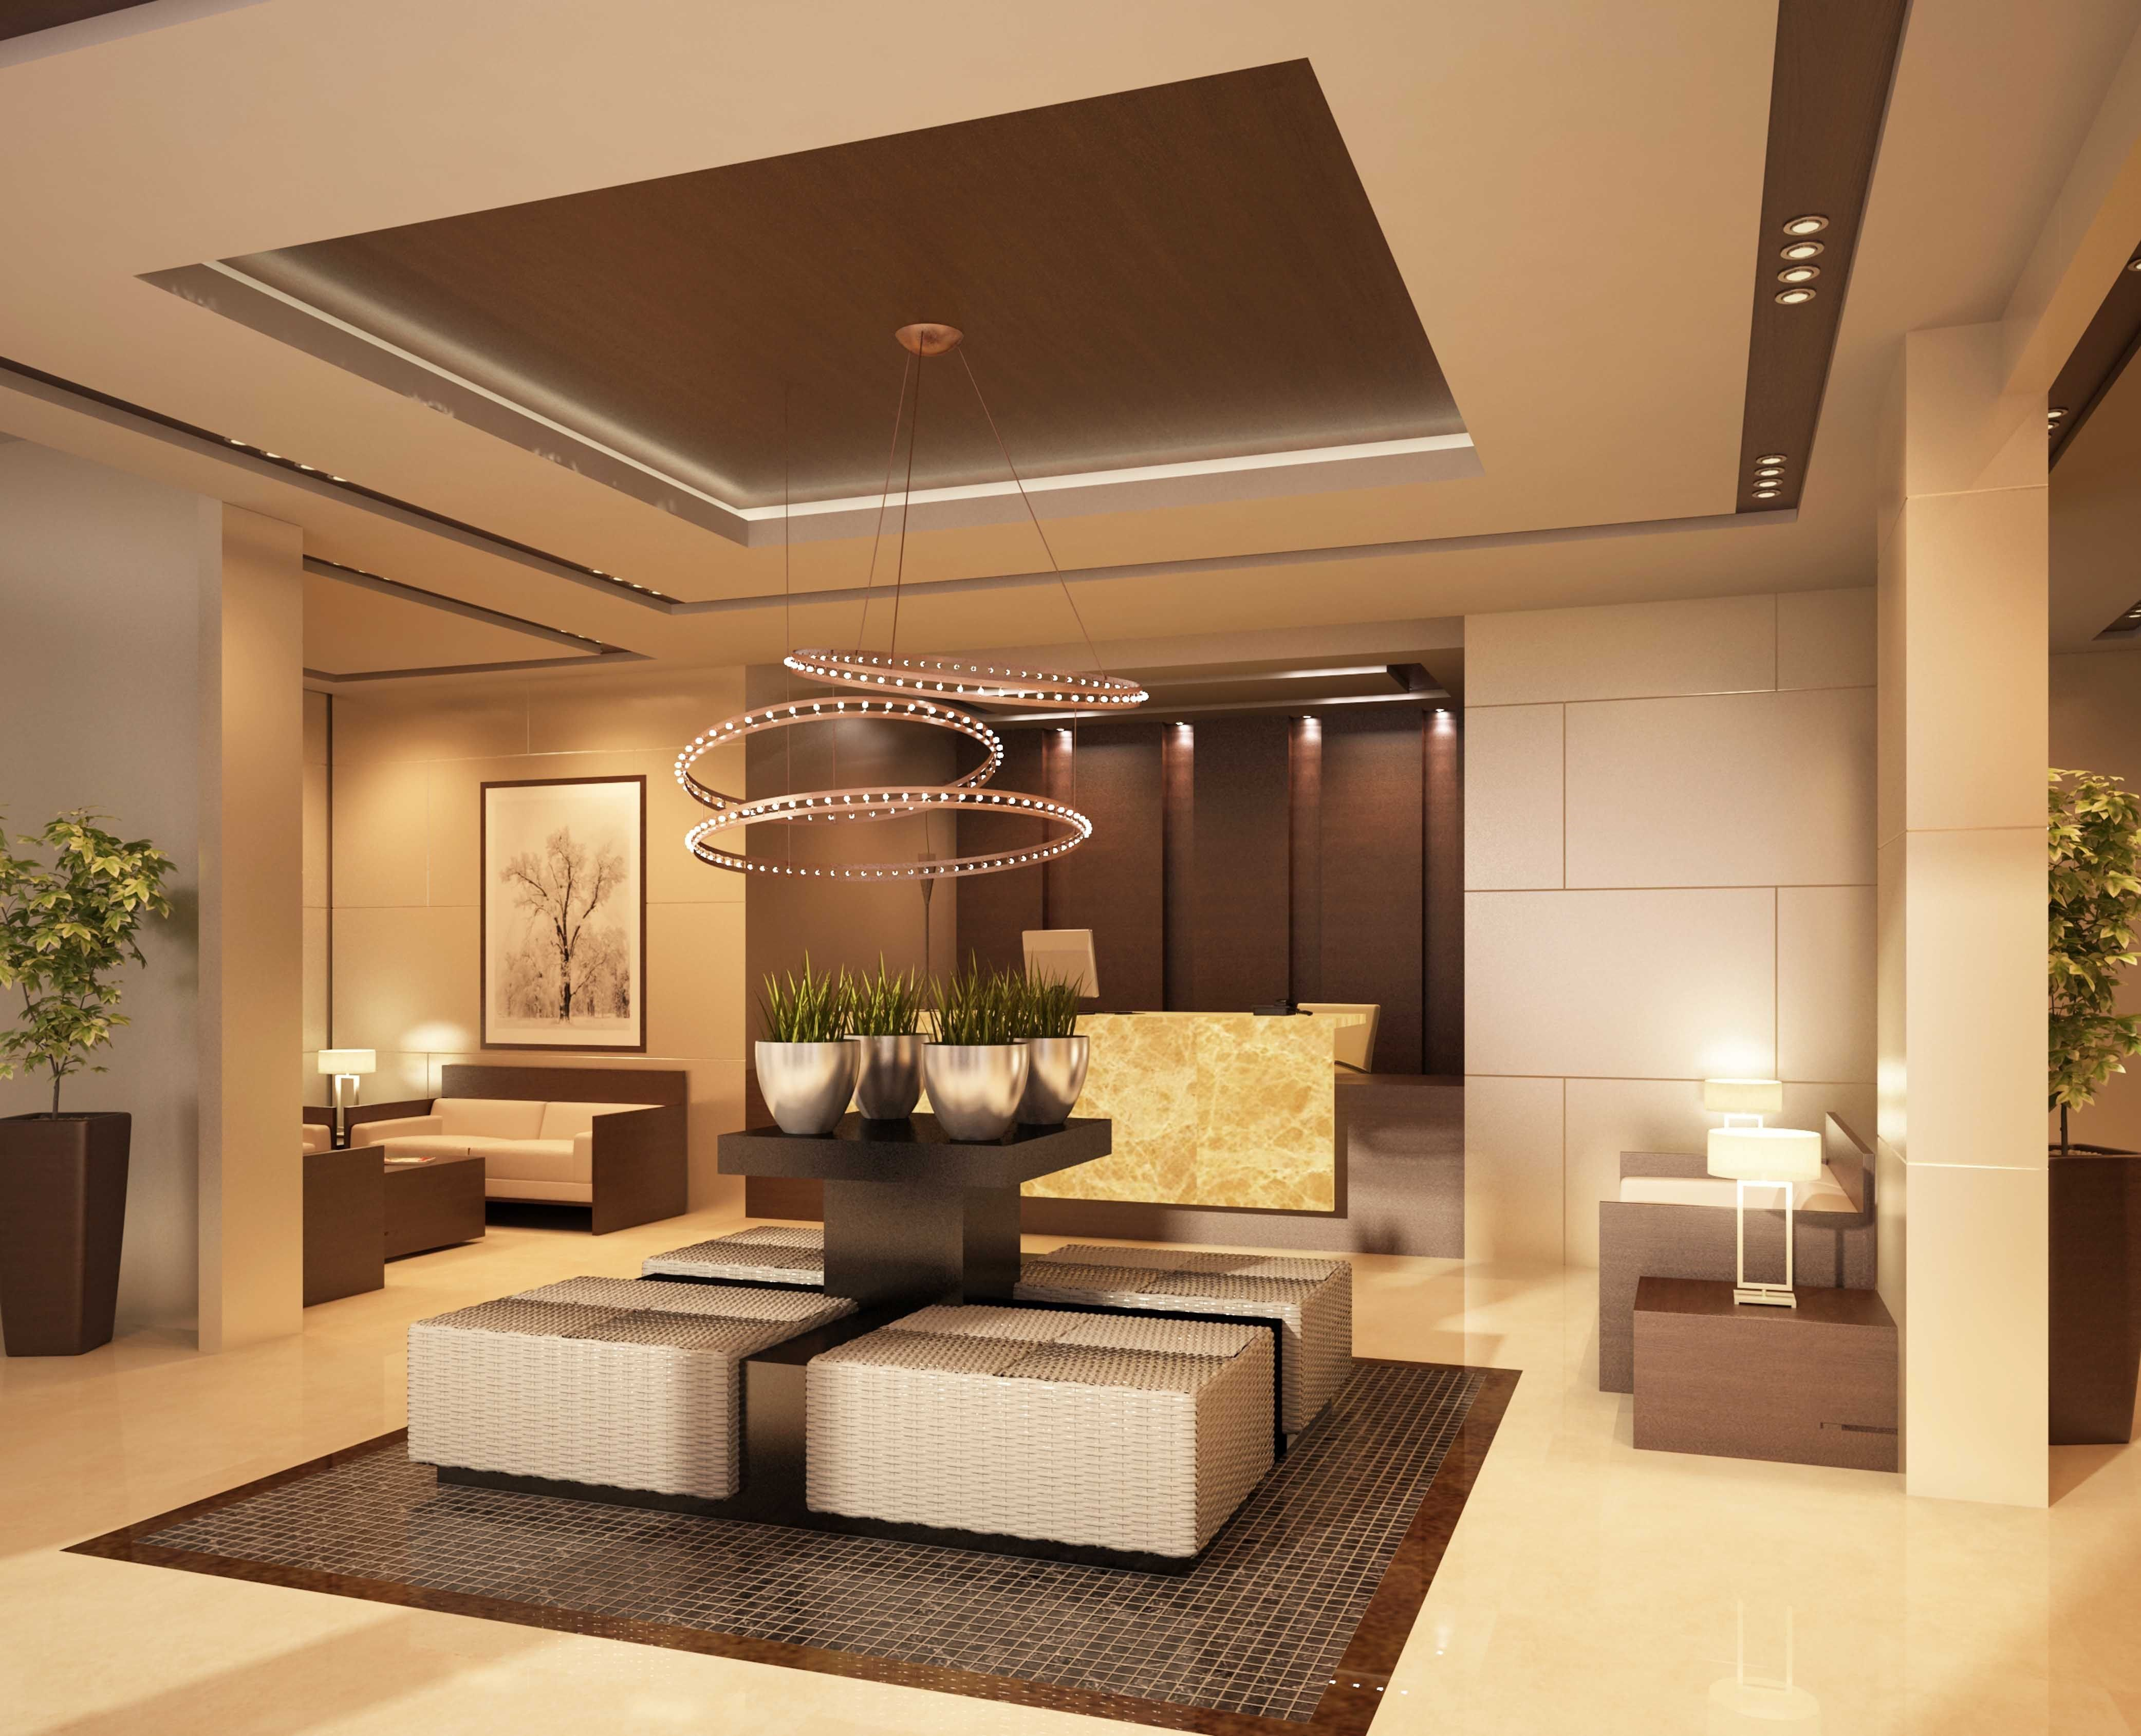 ارائه خدمات برقی ساختمان، محصولات روشنایی و لوازم برقی ساختمانی 3